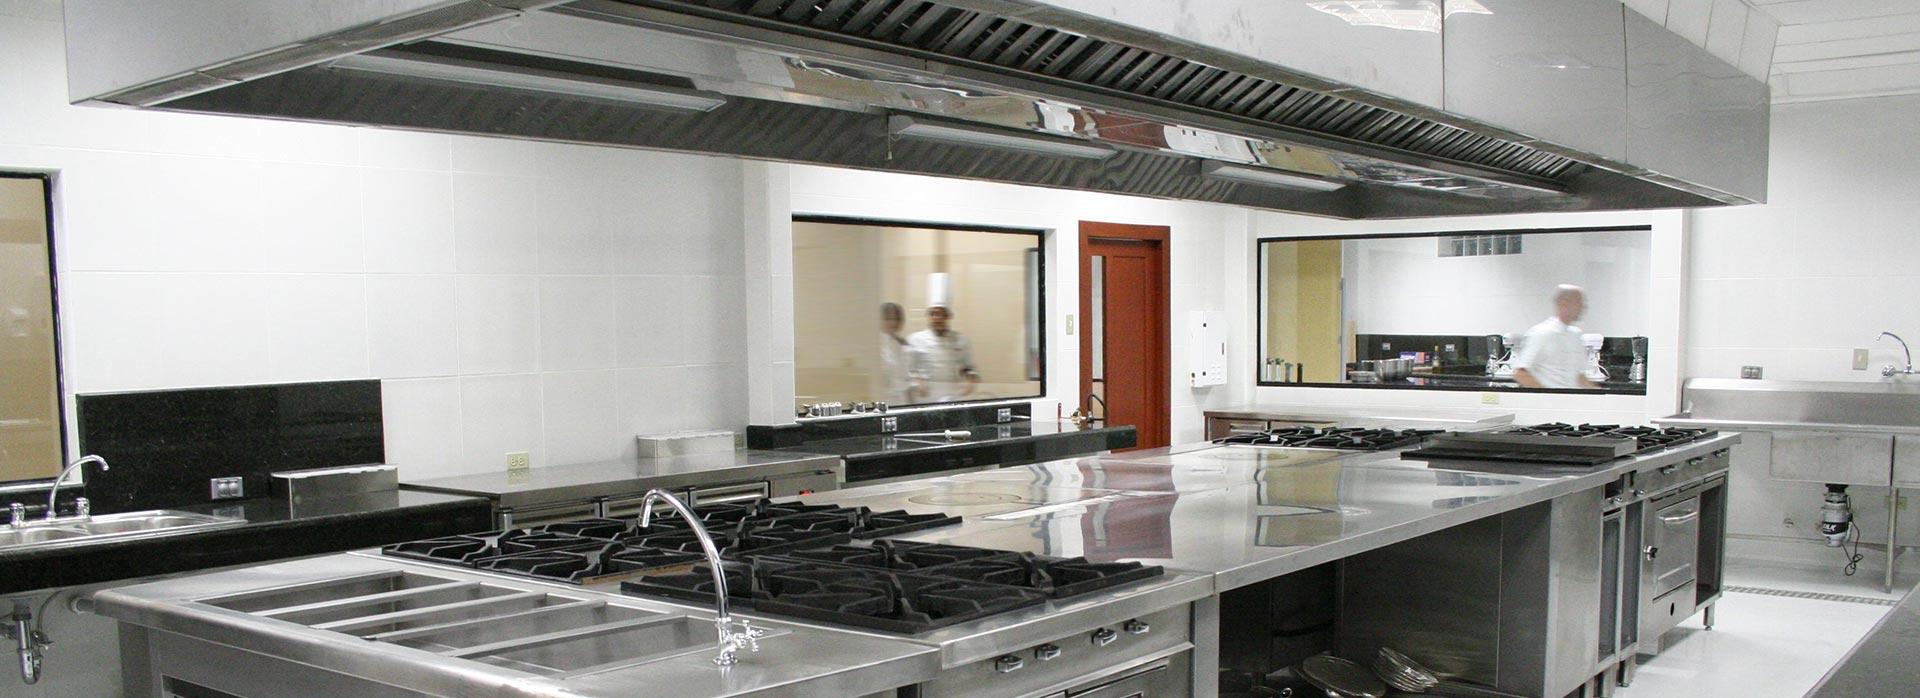 limpieza y desengrase de extracci n de humos y cocinas